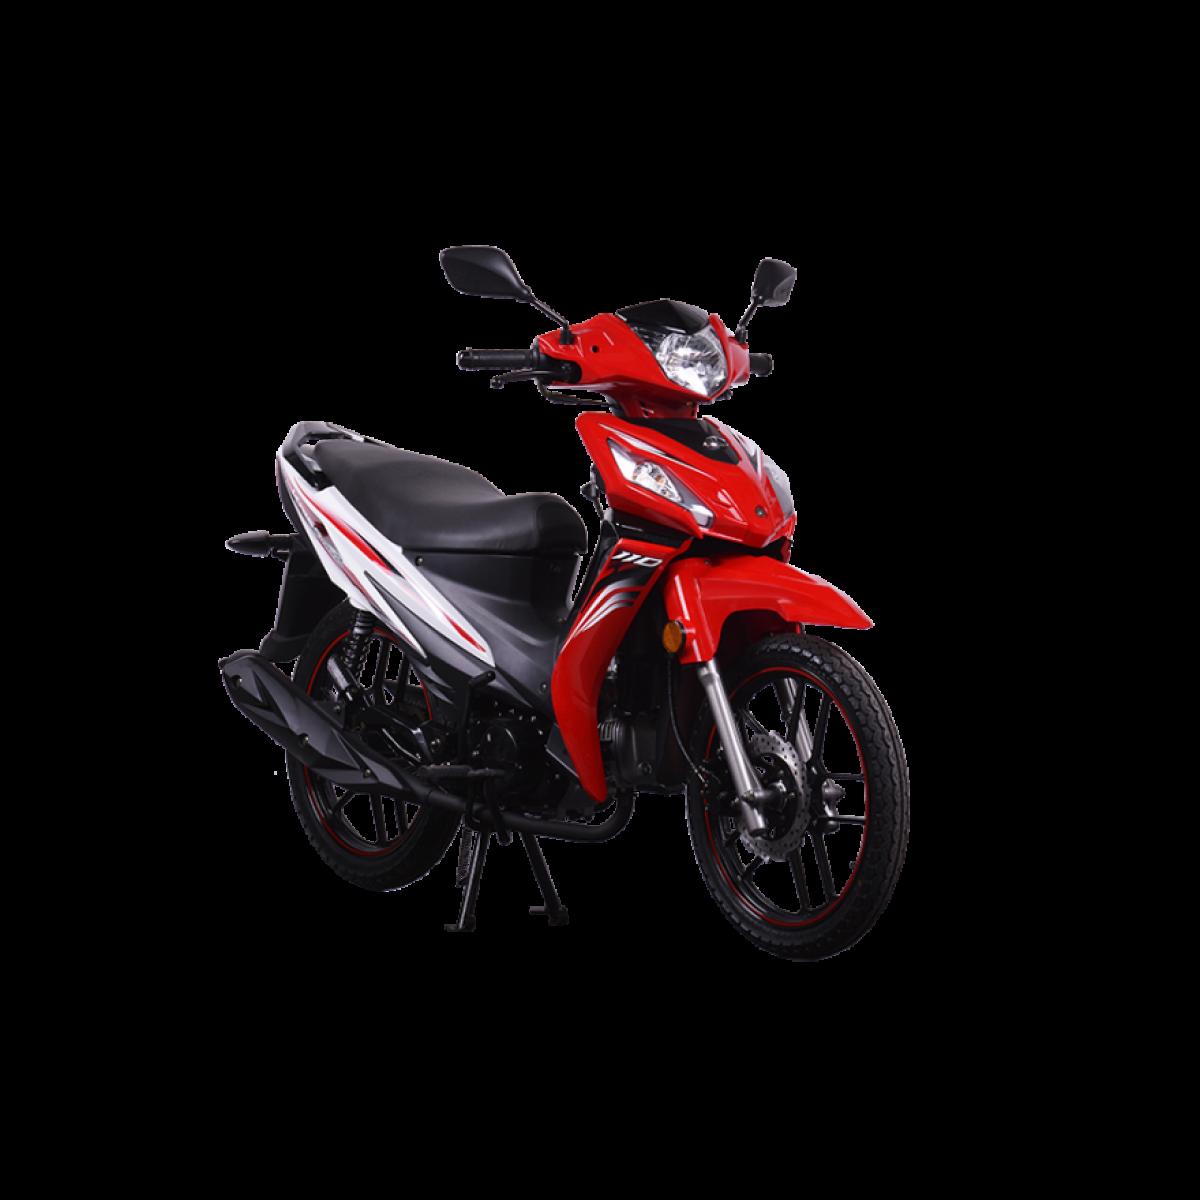 Modenas Kriss Mr2 - Yamaha original parts by AH HONG MOTOR